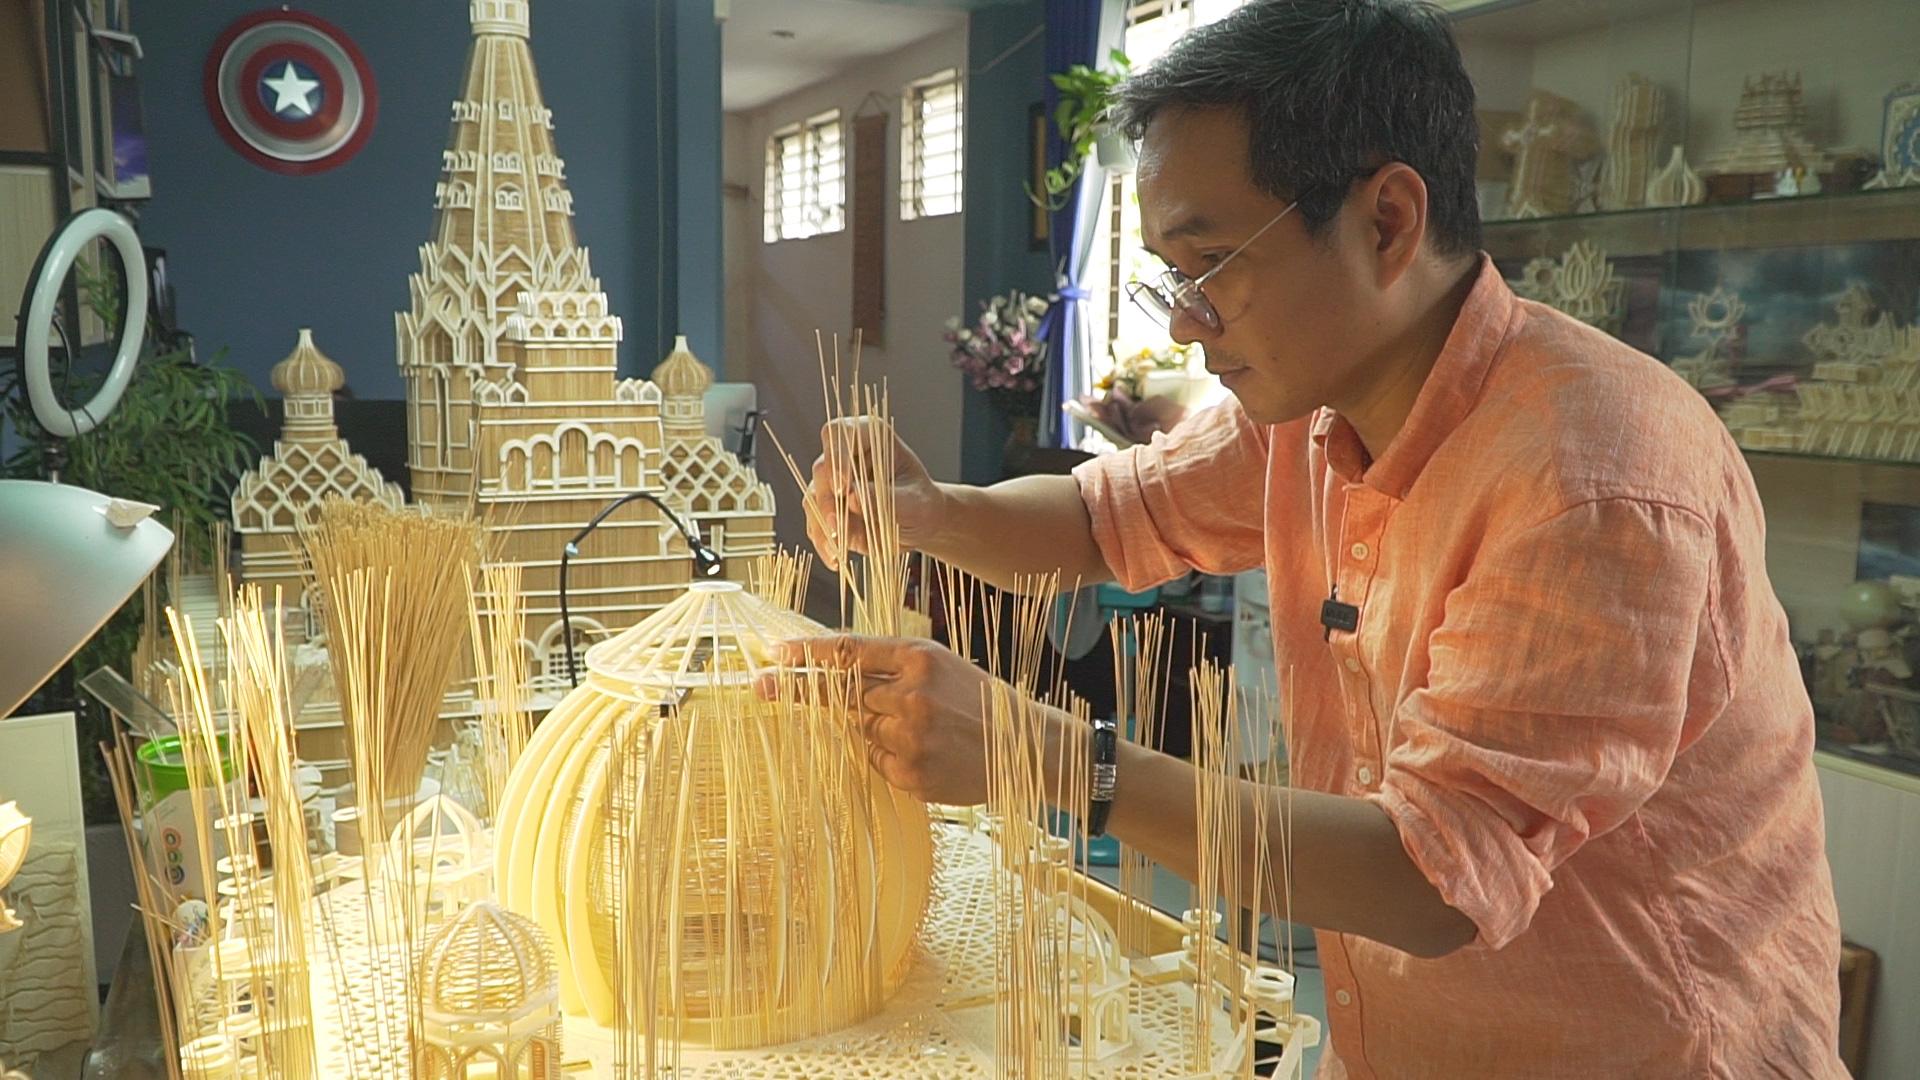 Choáng ngợp tuyệt tác kiến trúc bằng tăm giang của nghệ nhân Việt